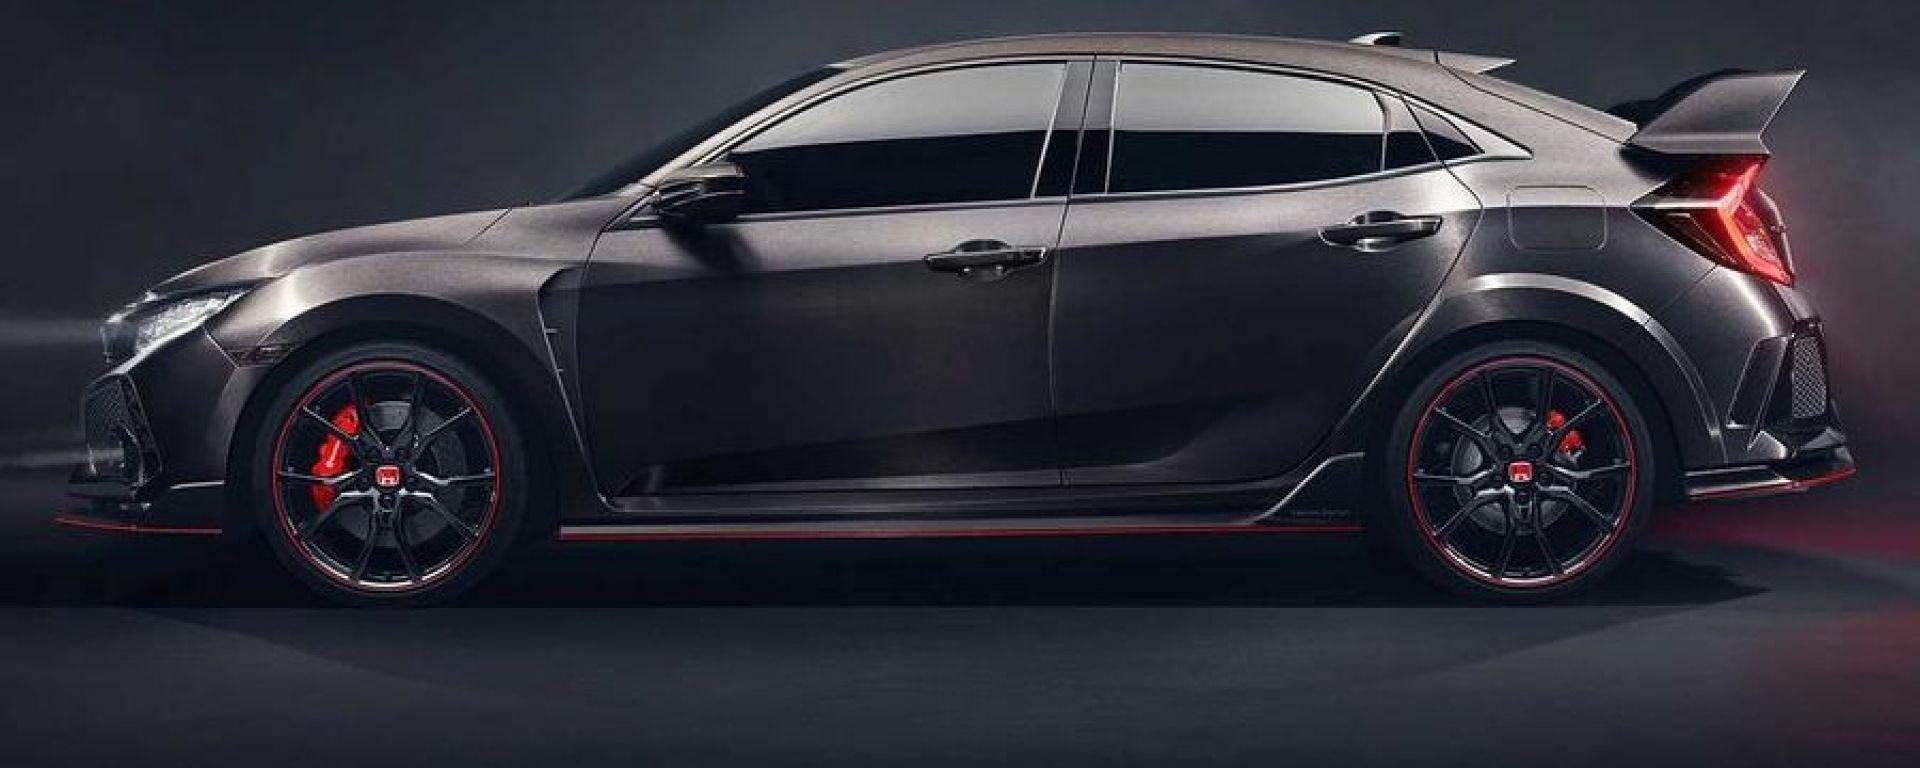 La Honda Civic Type R sarà disponibile sul mercato nel 2017